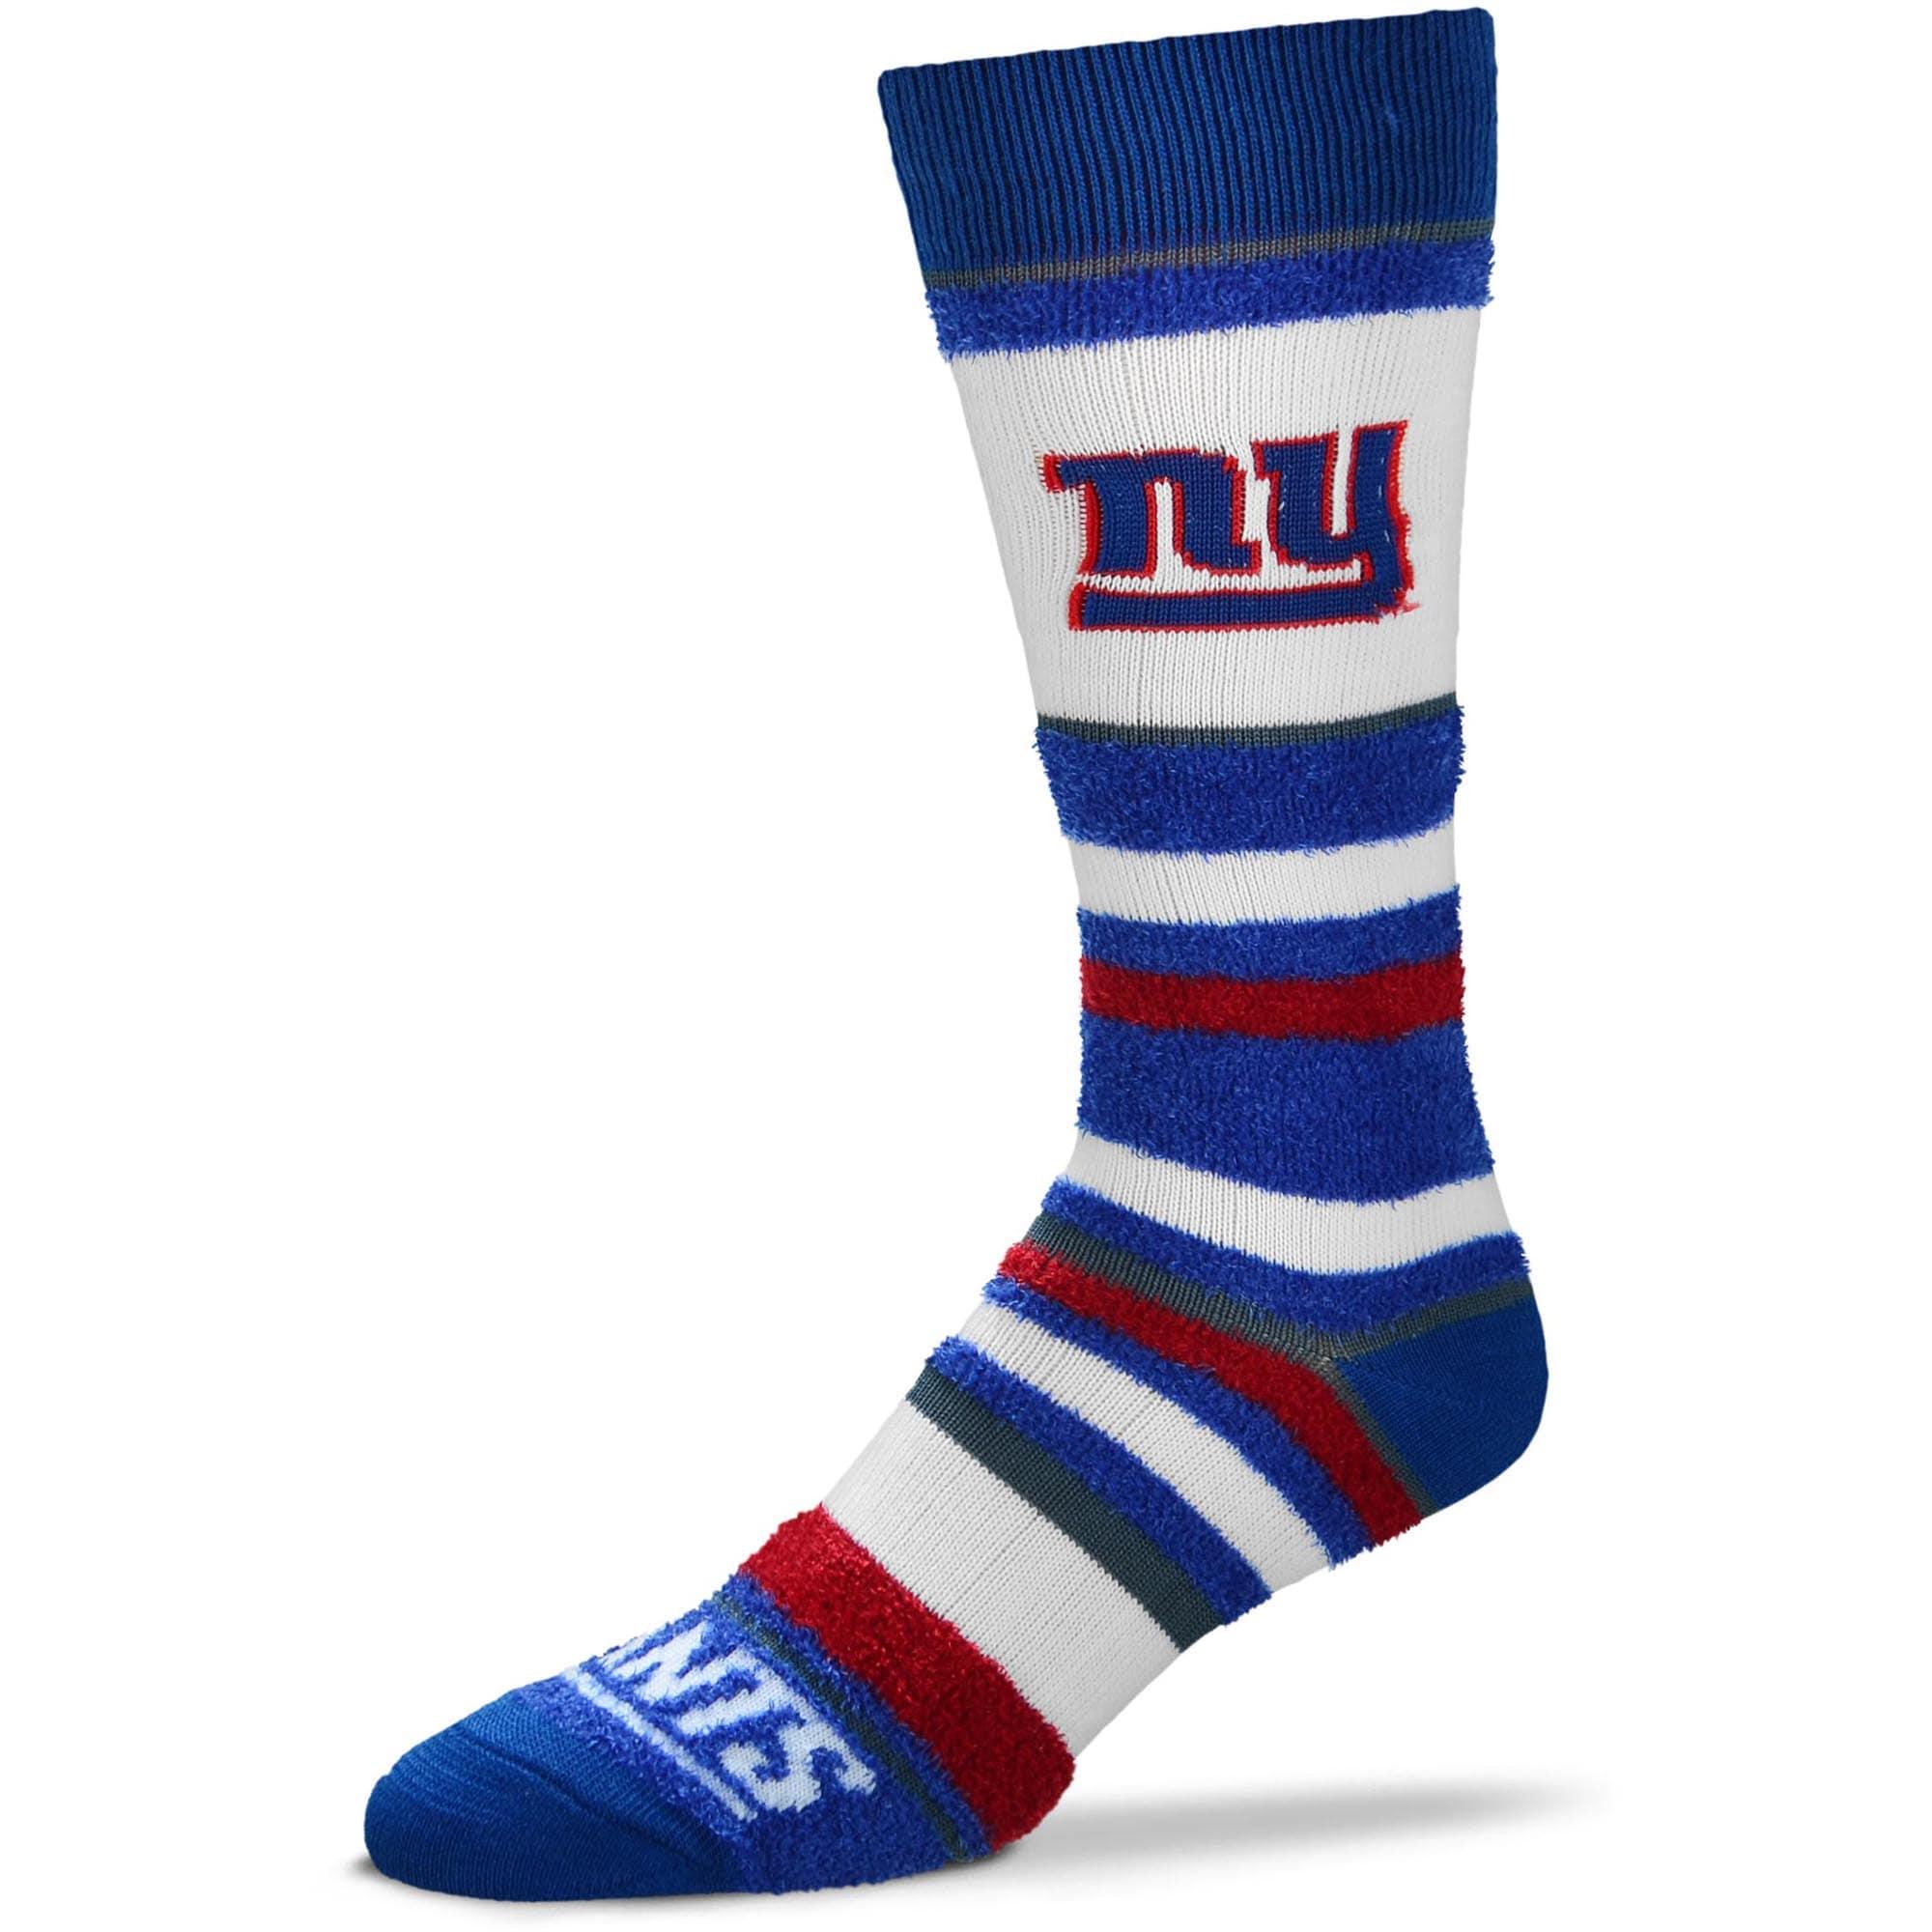 New York Giants For Bare Feet Women's Soft Stripe Quarter-Length Socks